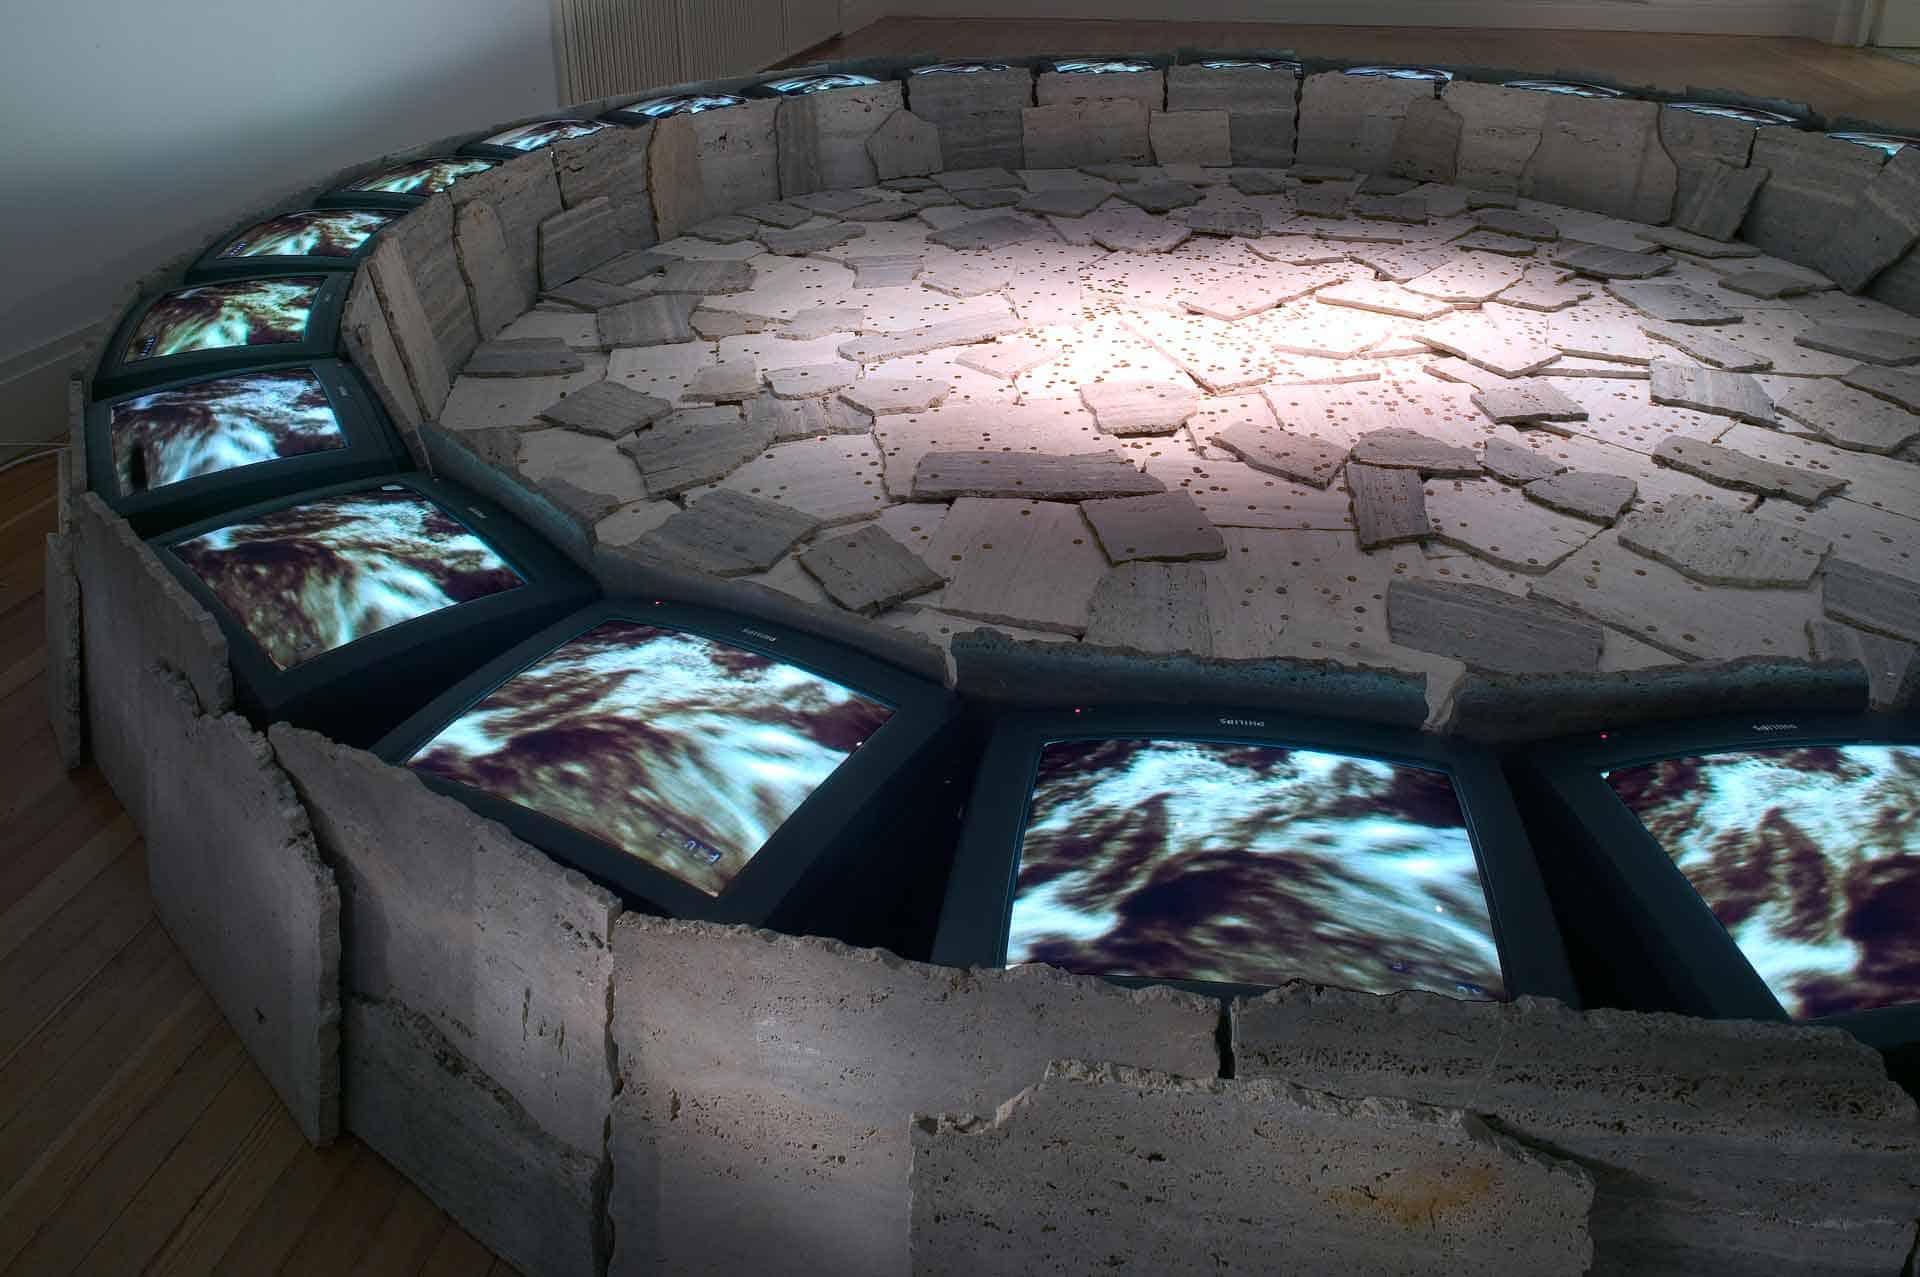 Fabrizio Plessi, «Roma», Martin-Gropius-Bau, Berlino, 2004 (rivisitazione dell'installazione originalmente realizzata presso Documenta 8, Kassel, 1987). Archivio Plessi.